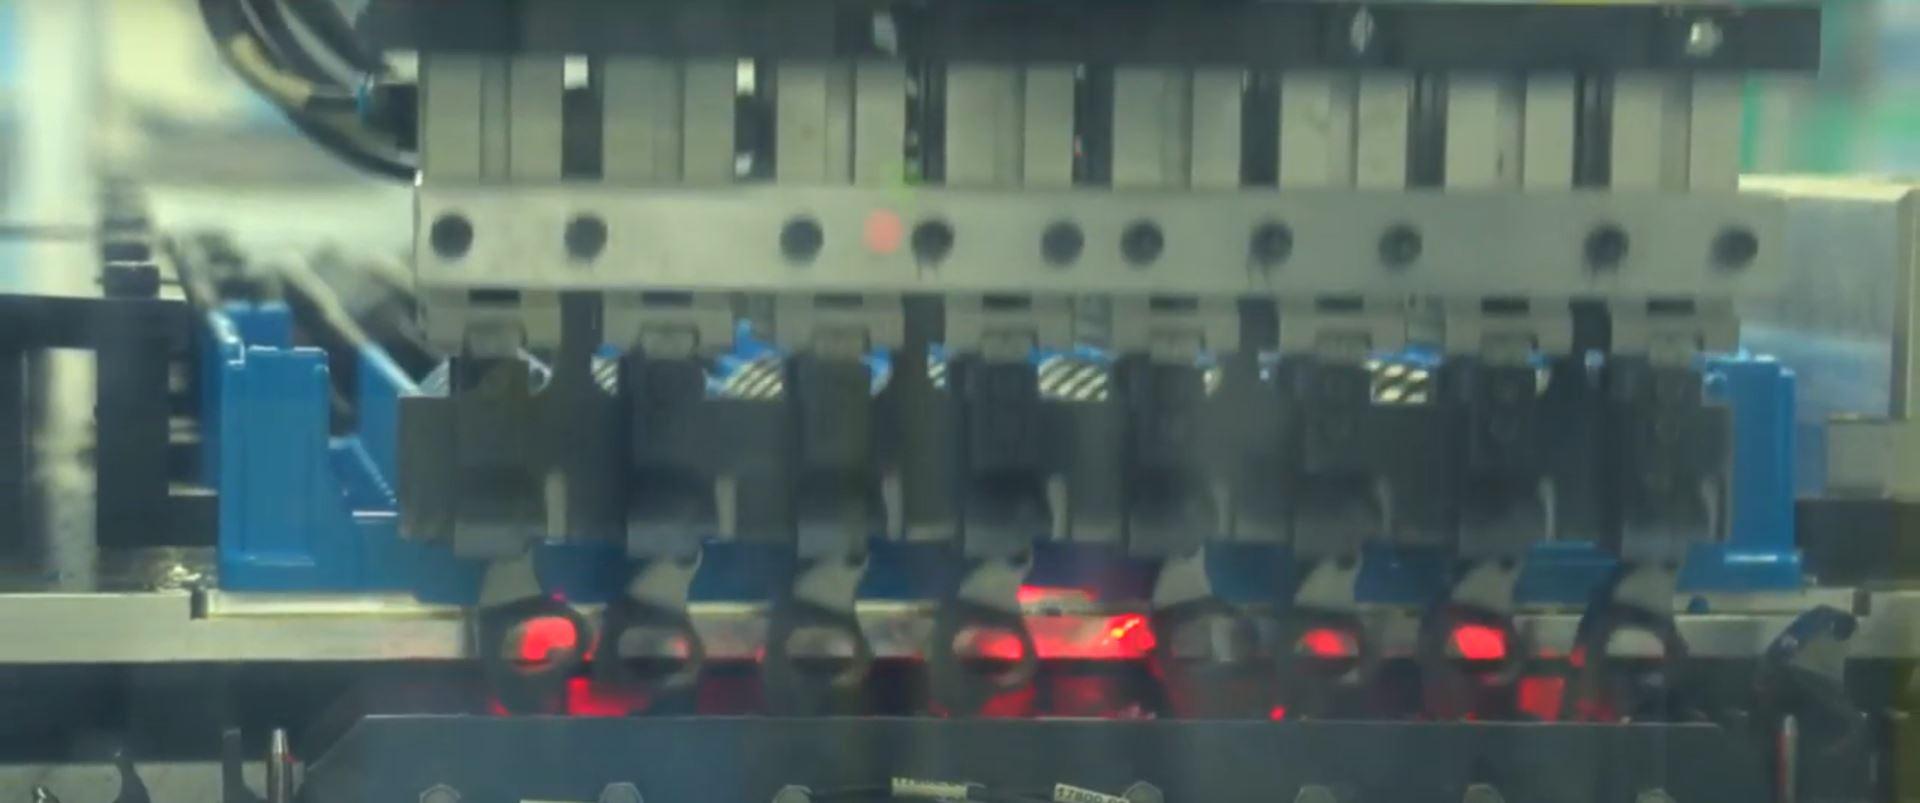 Новые инверторы с напряжением 800 В из карбида кремния привносят новые оттенки в производство электромобилей